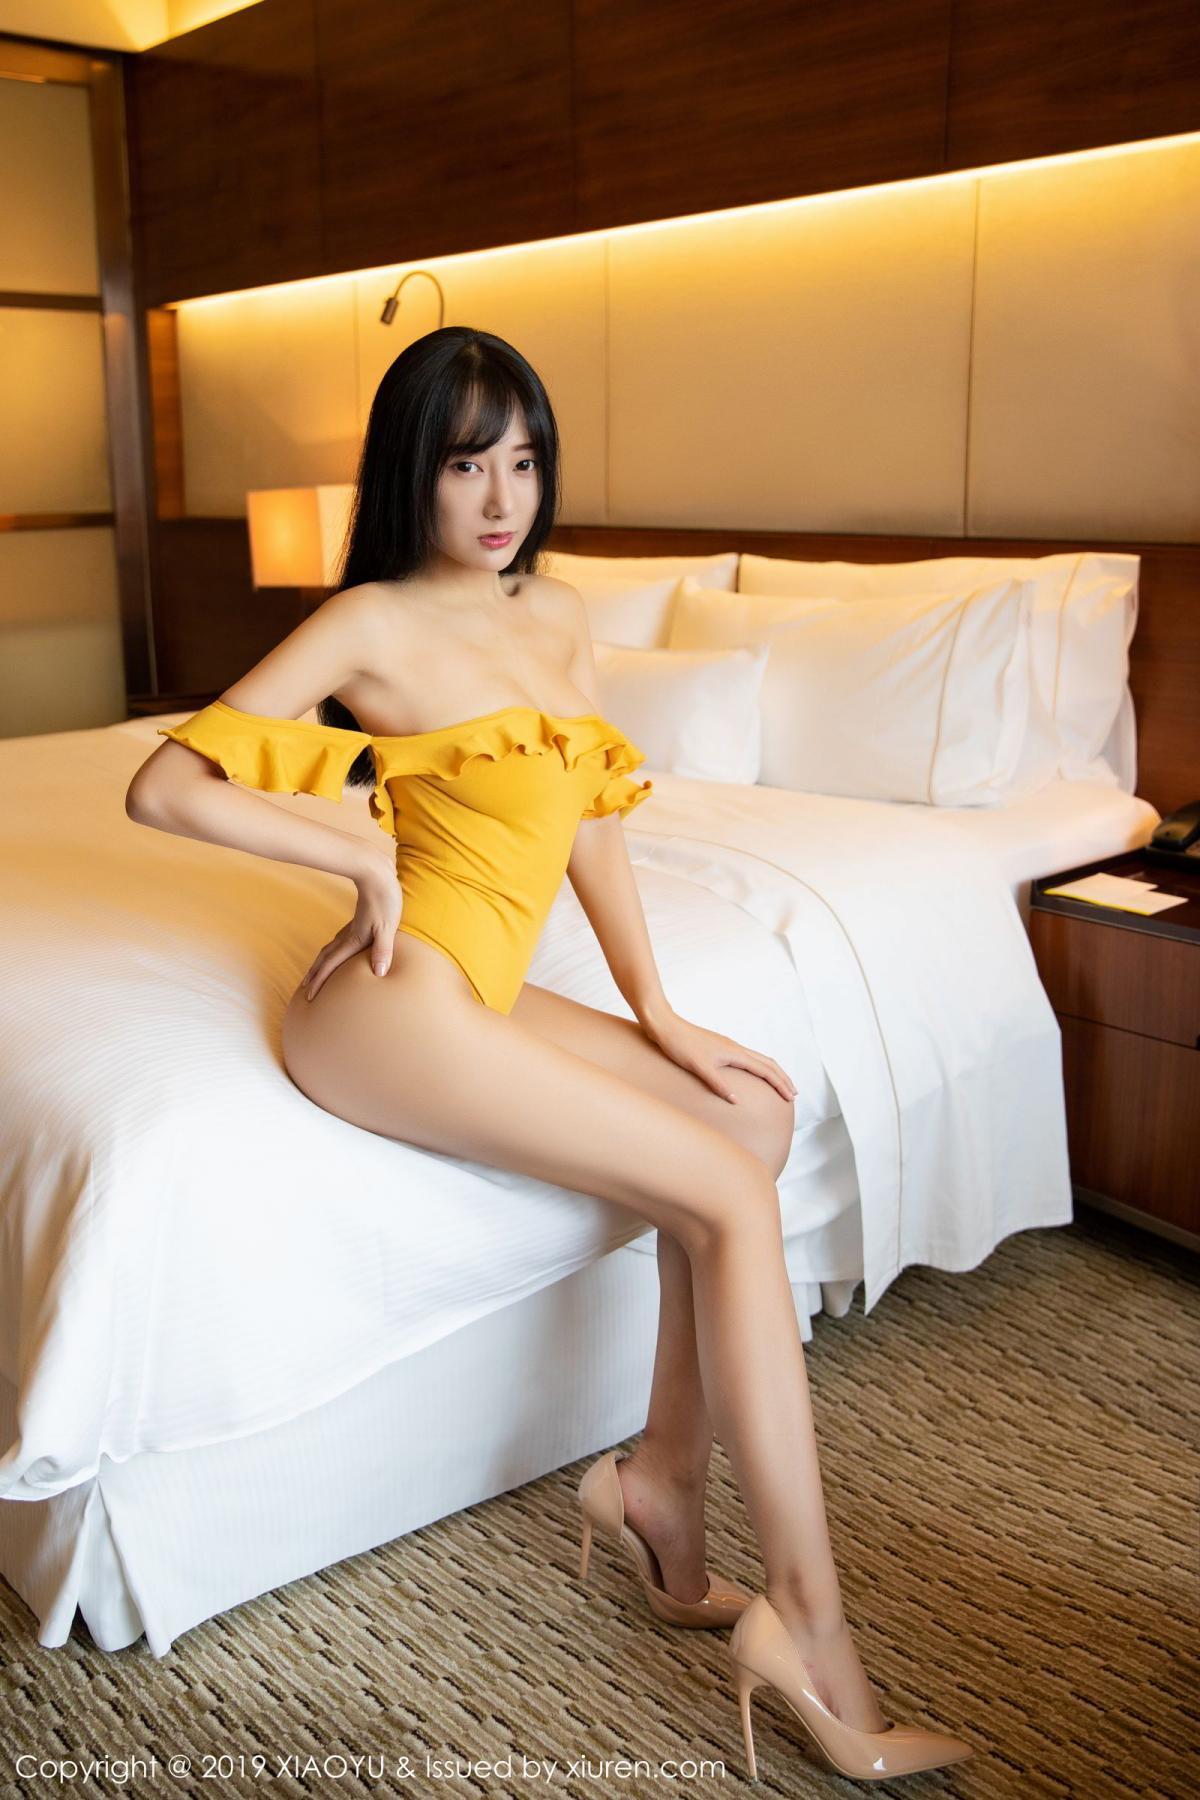 [XiaoYu] Vol.140 He Jia Ying 15P, He Jia Ying, Tall, XiaoYu